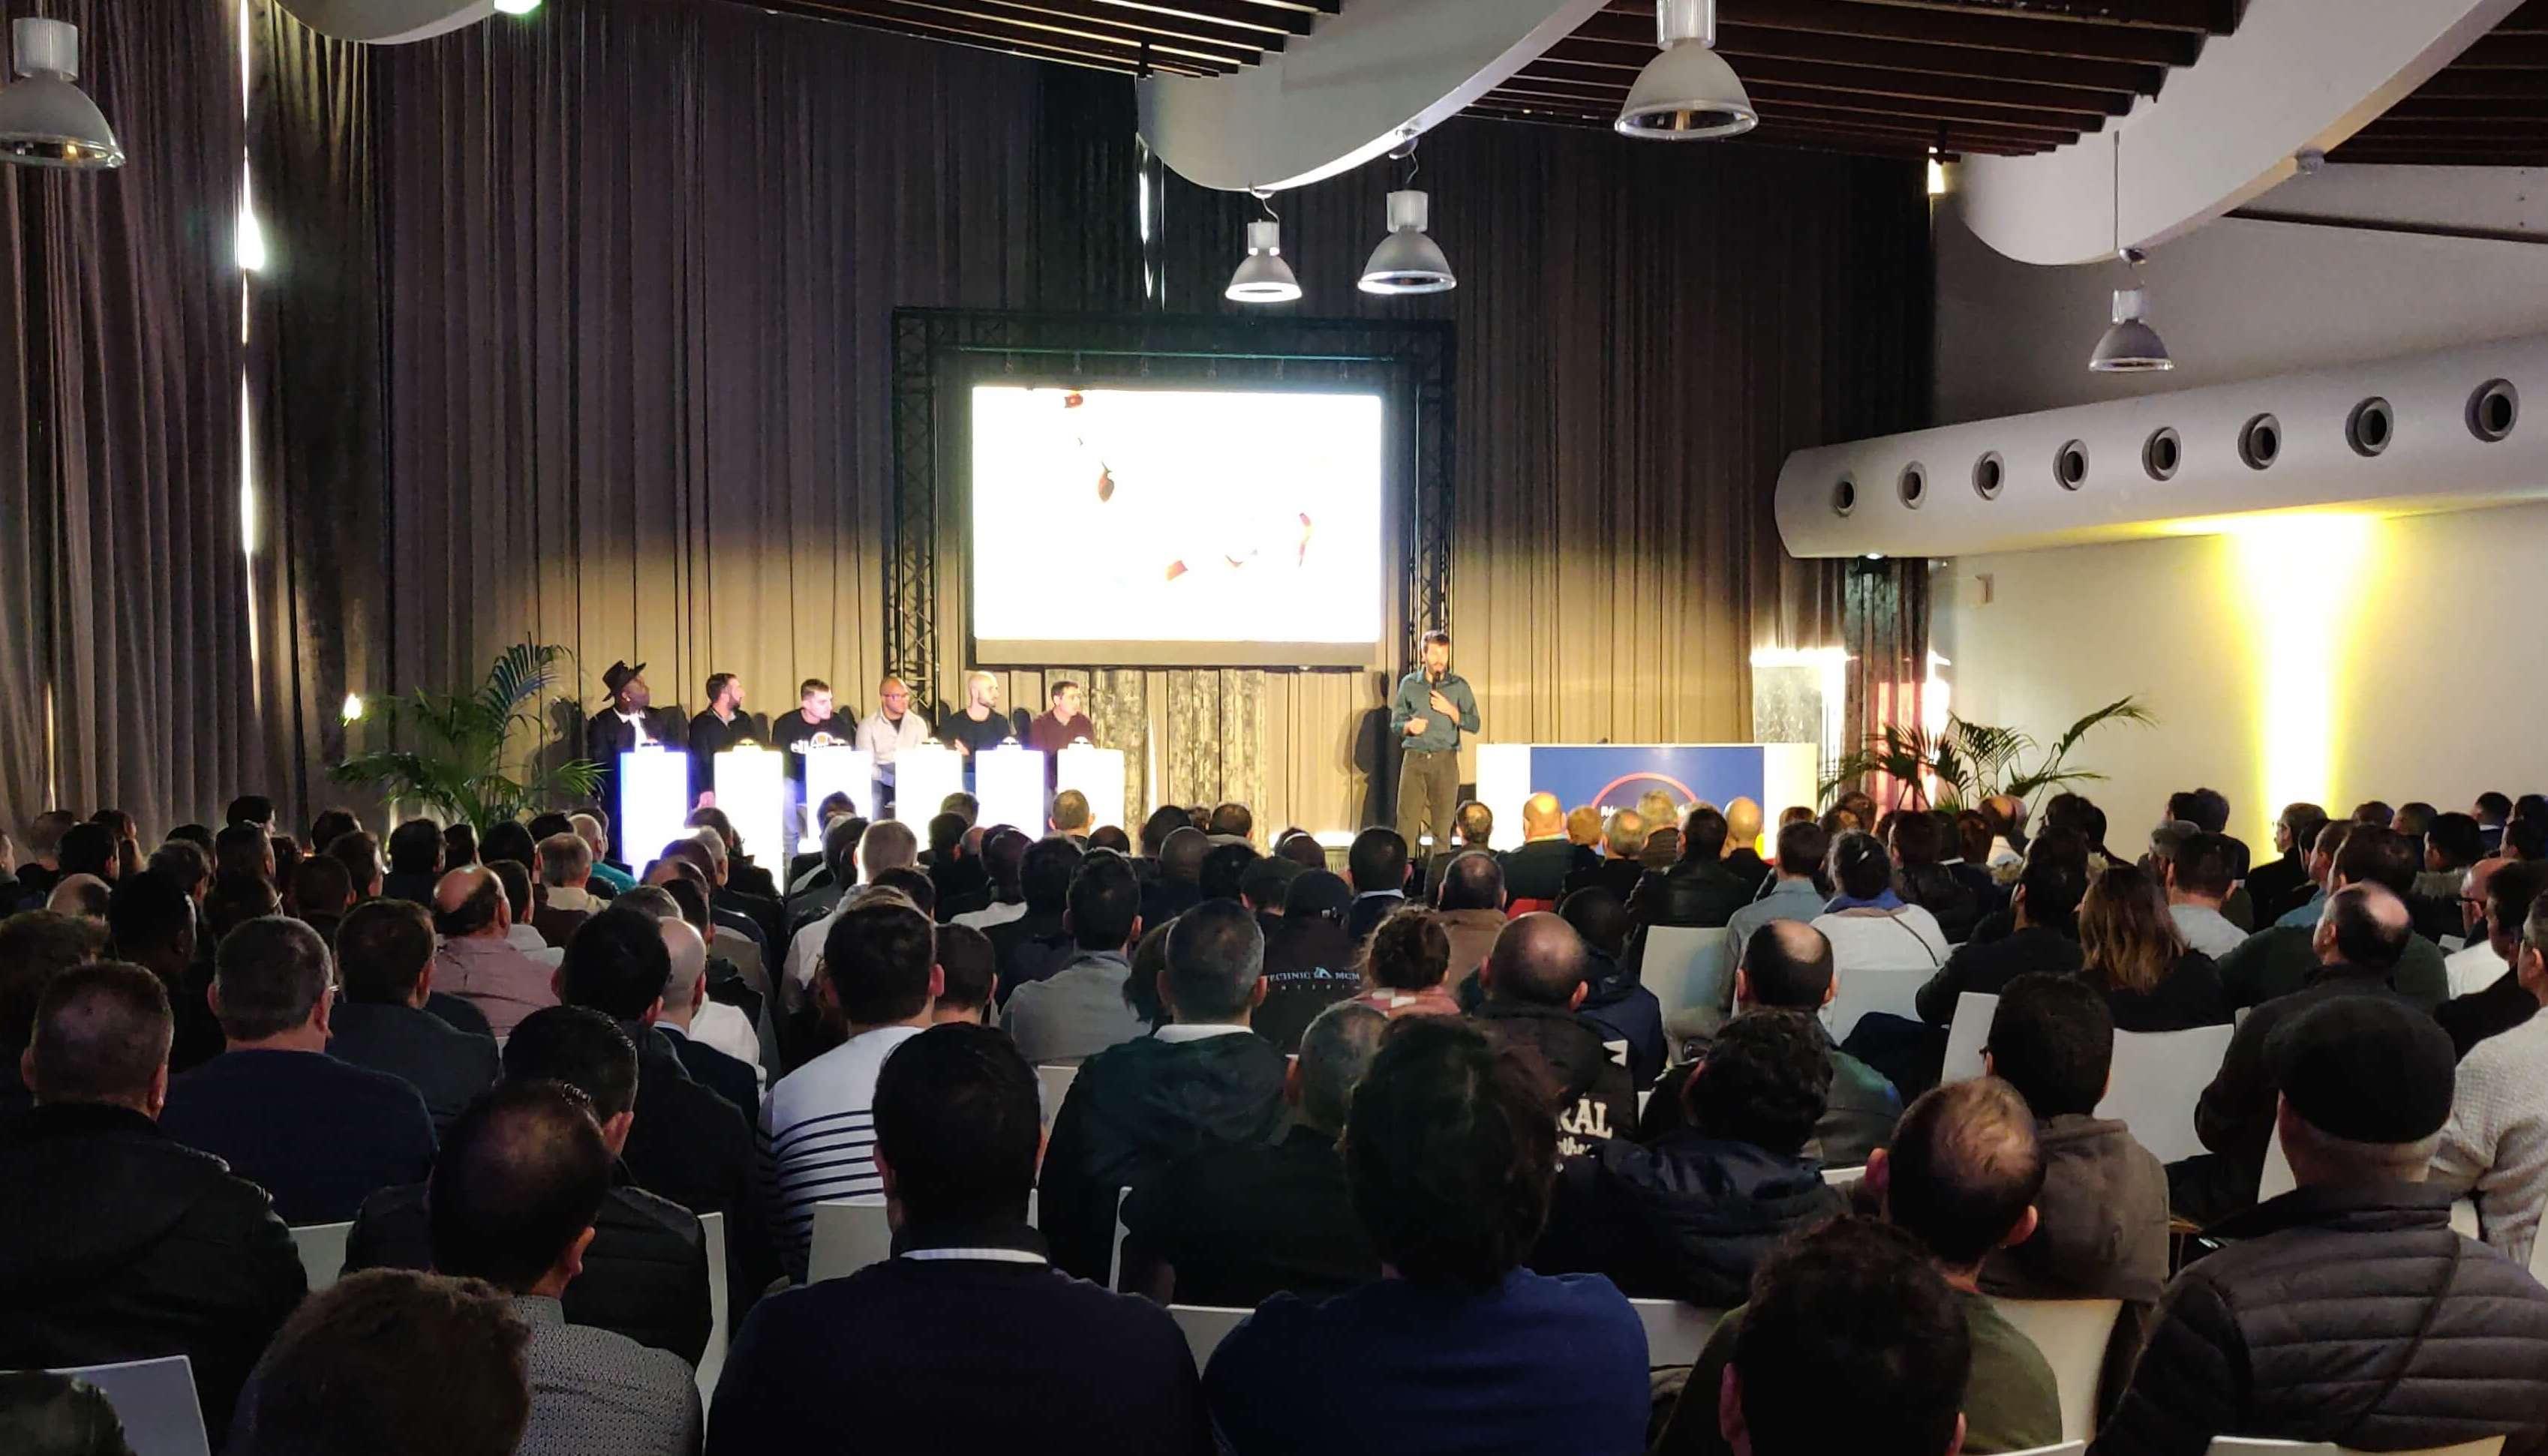 Conférence sécurité conférencier sportif frederic degoulet wechamp